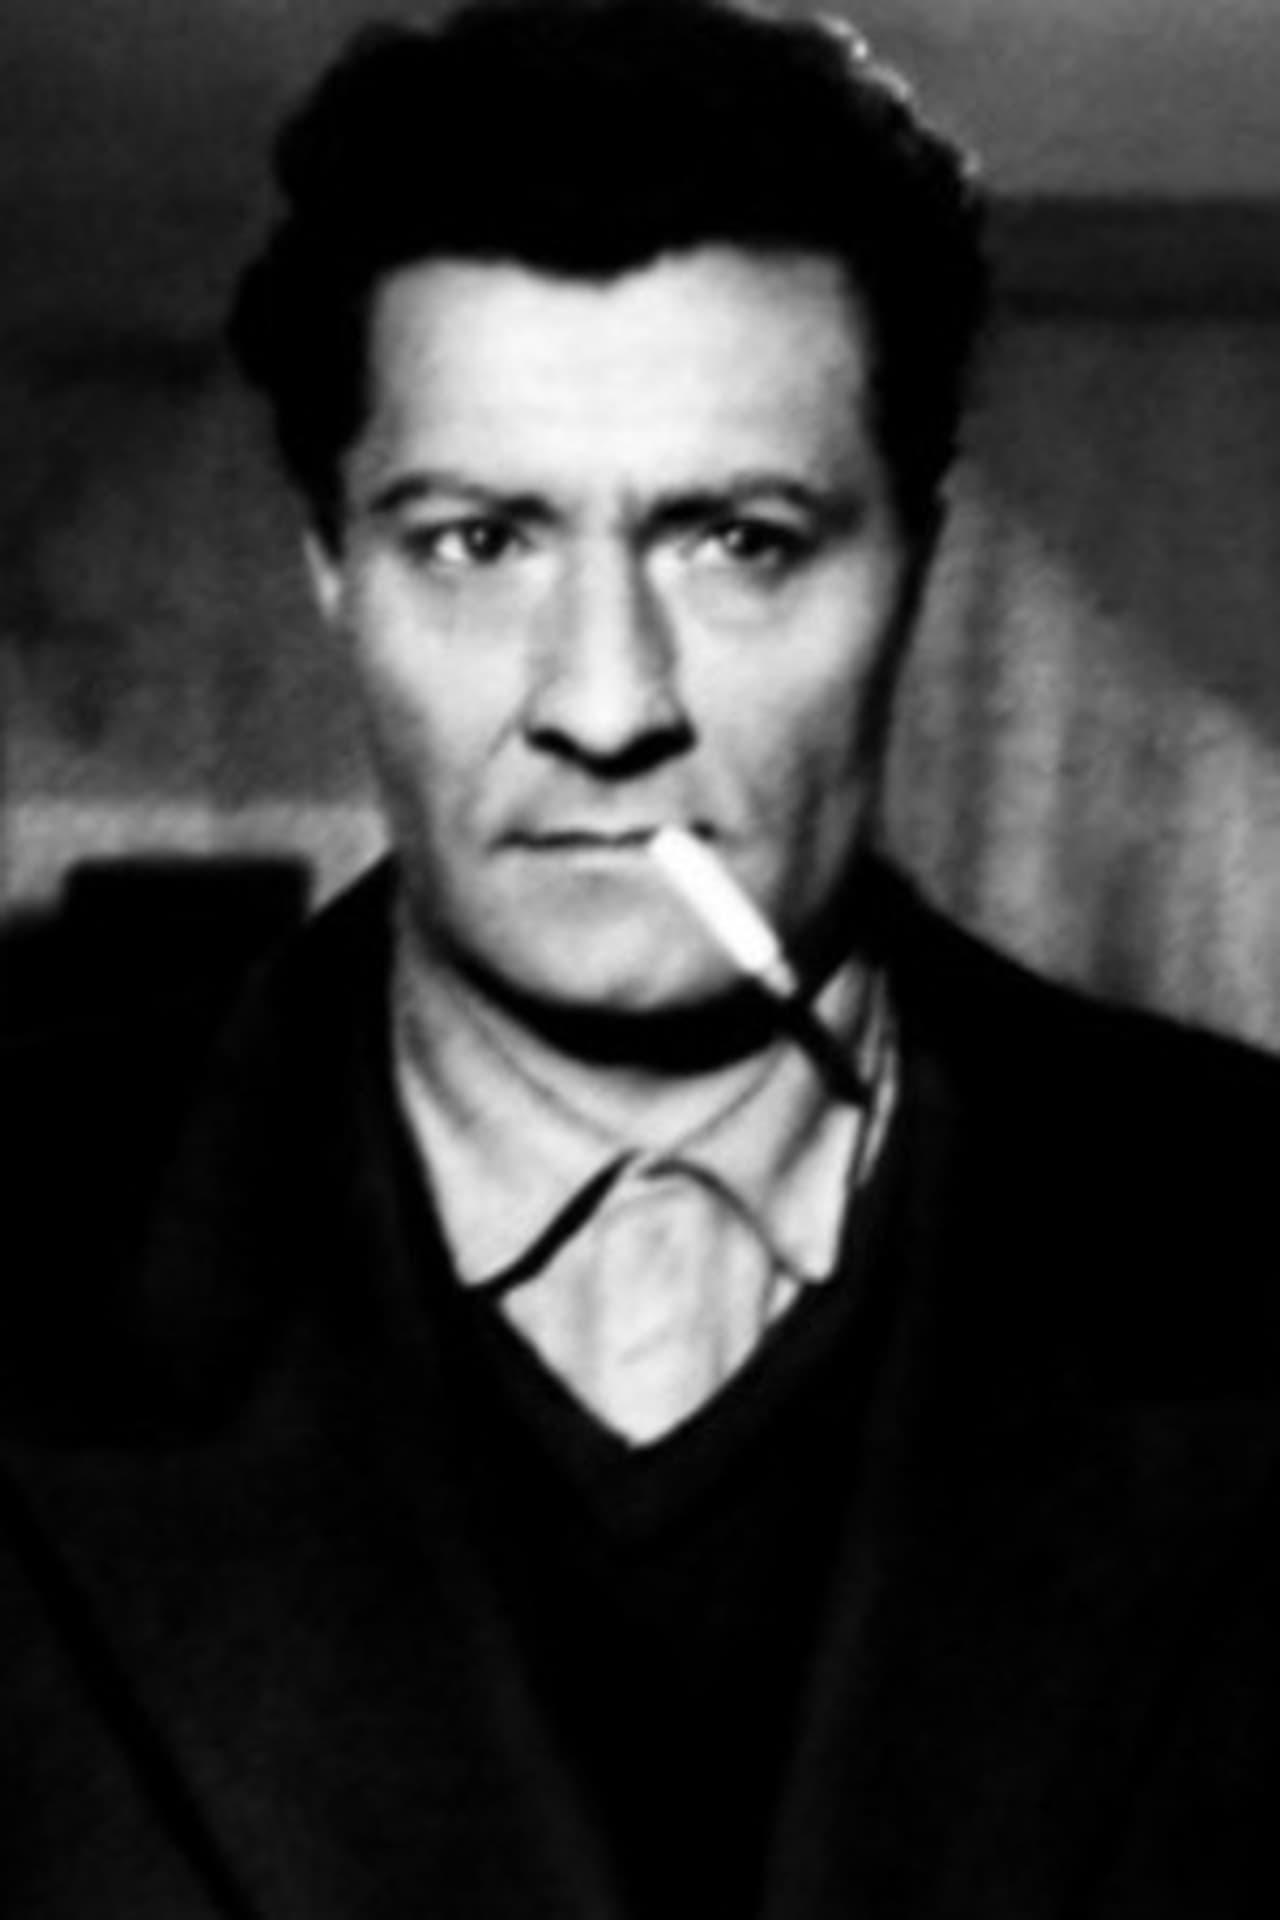 Marcello Pagliero